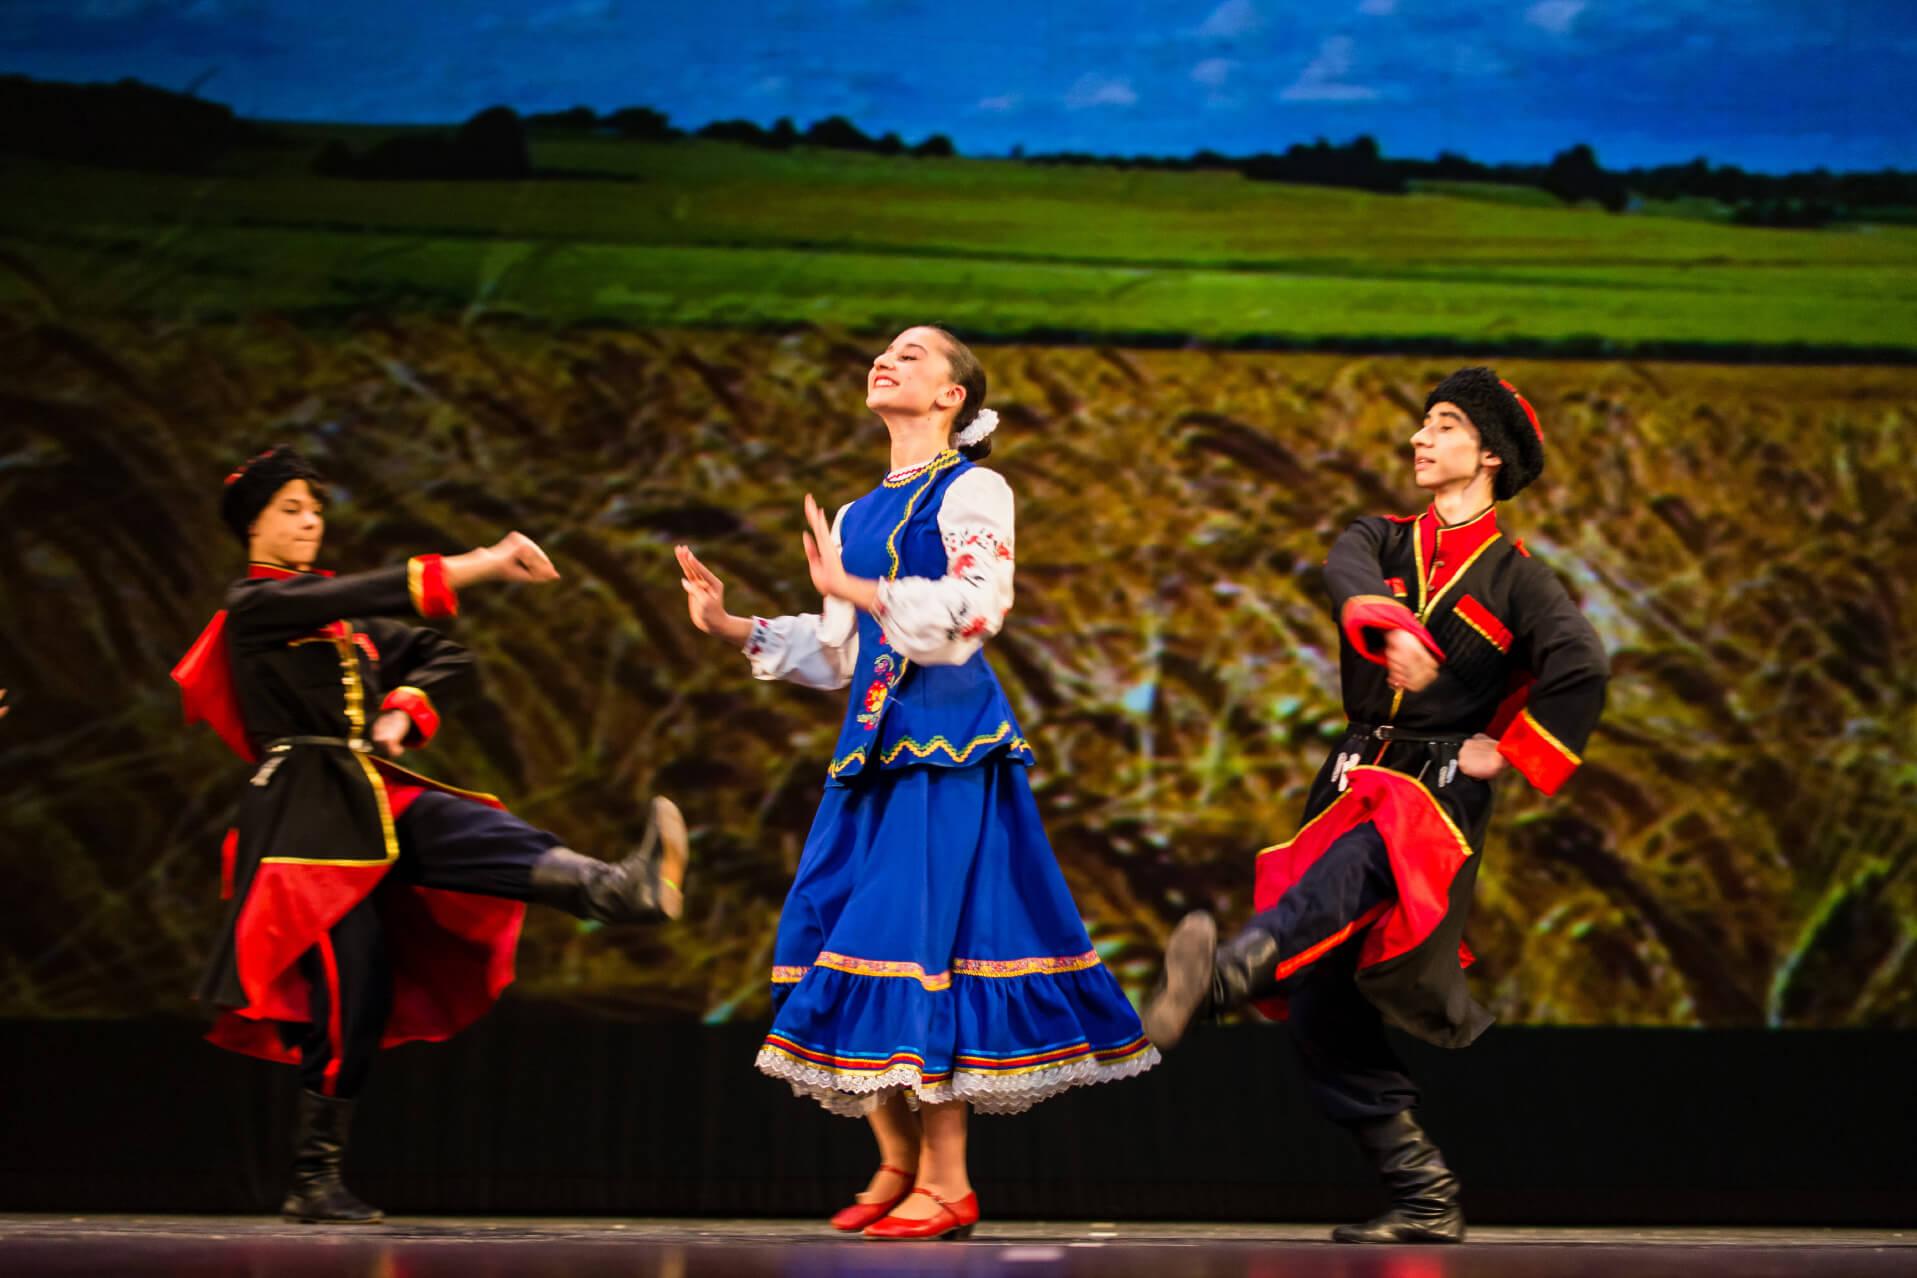 Образцовый коллектив ансамбль танца «Карусель», Москва